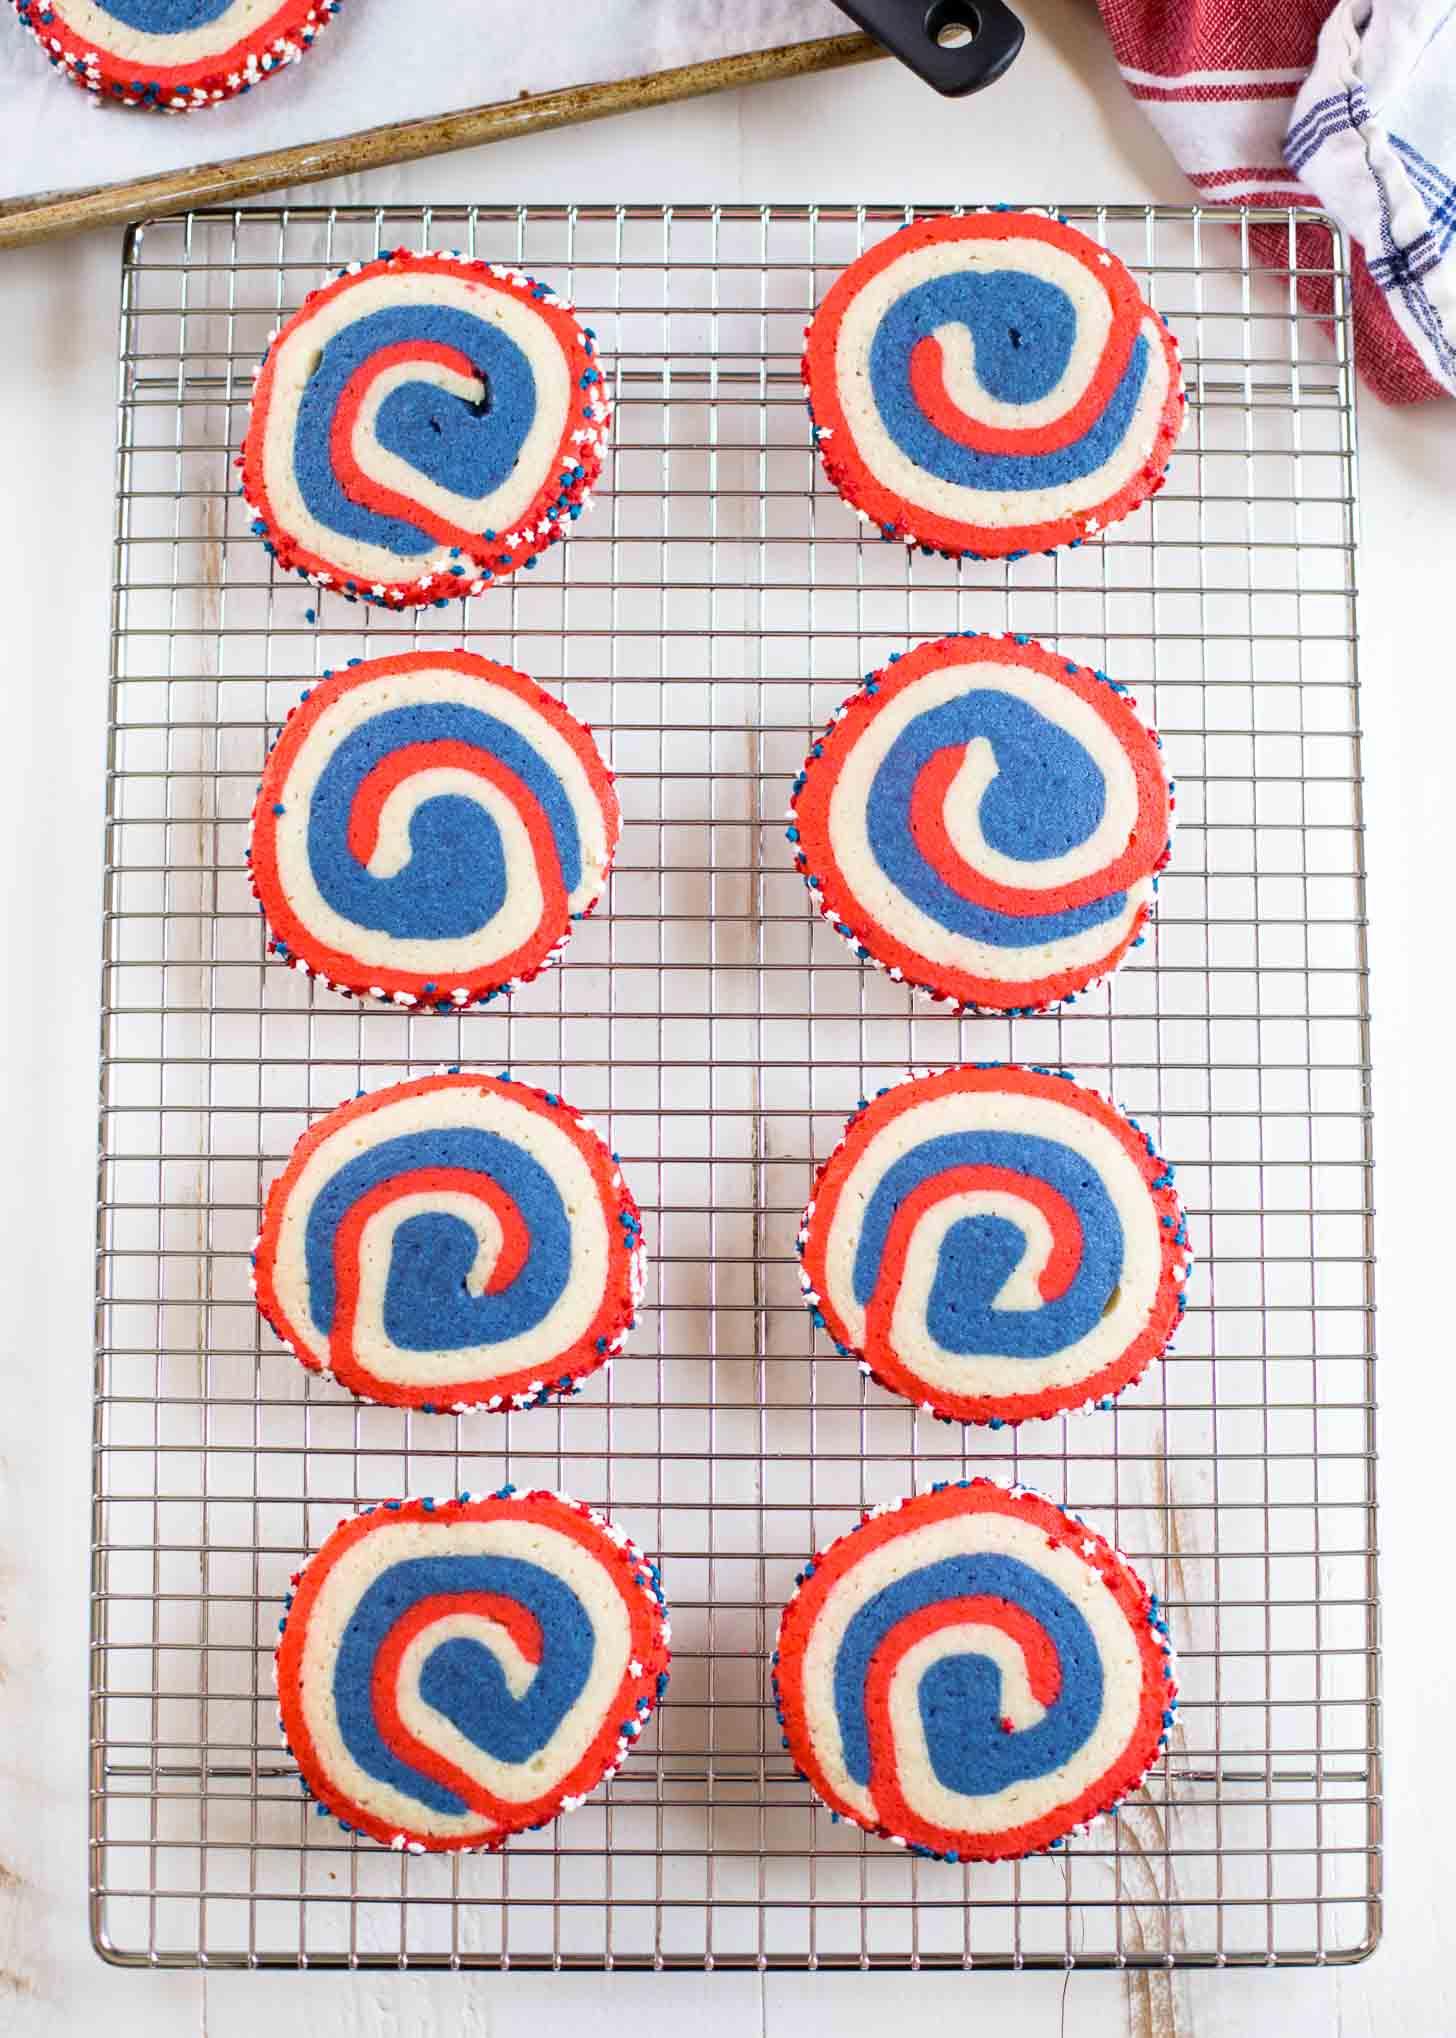 pinwheel cookies on a cooling rack